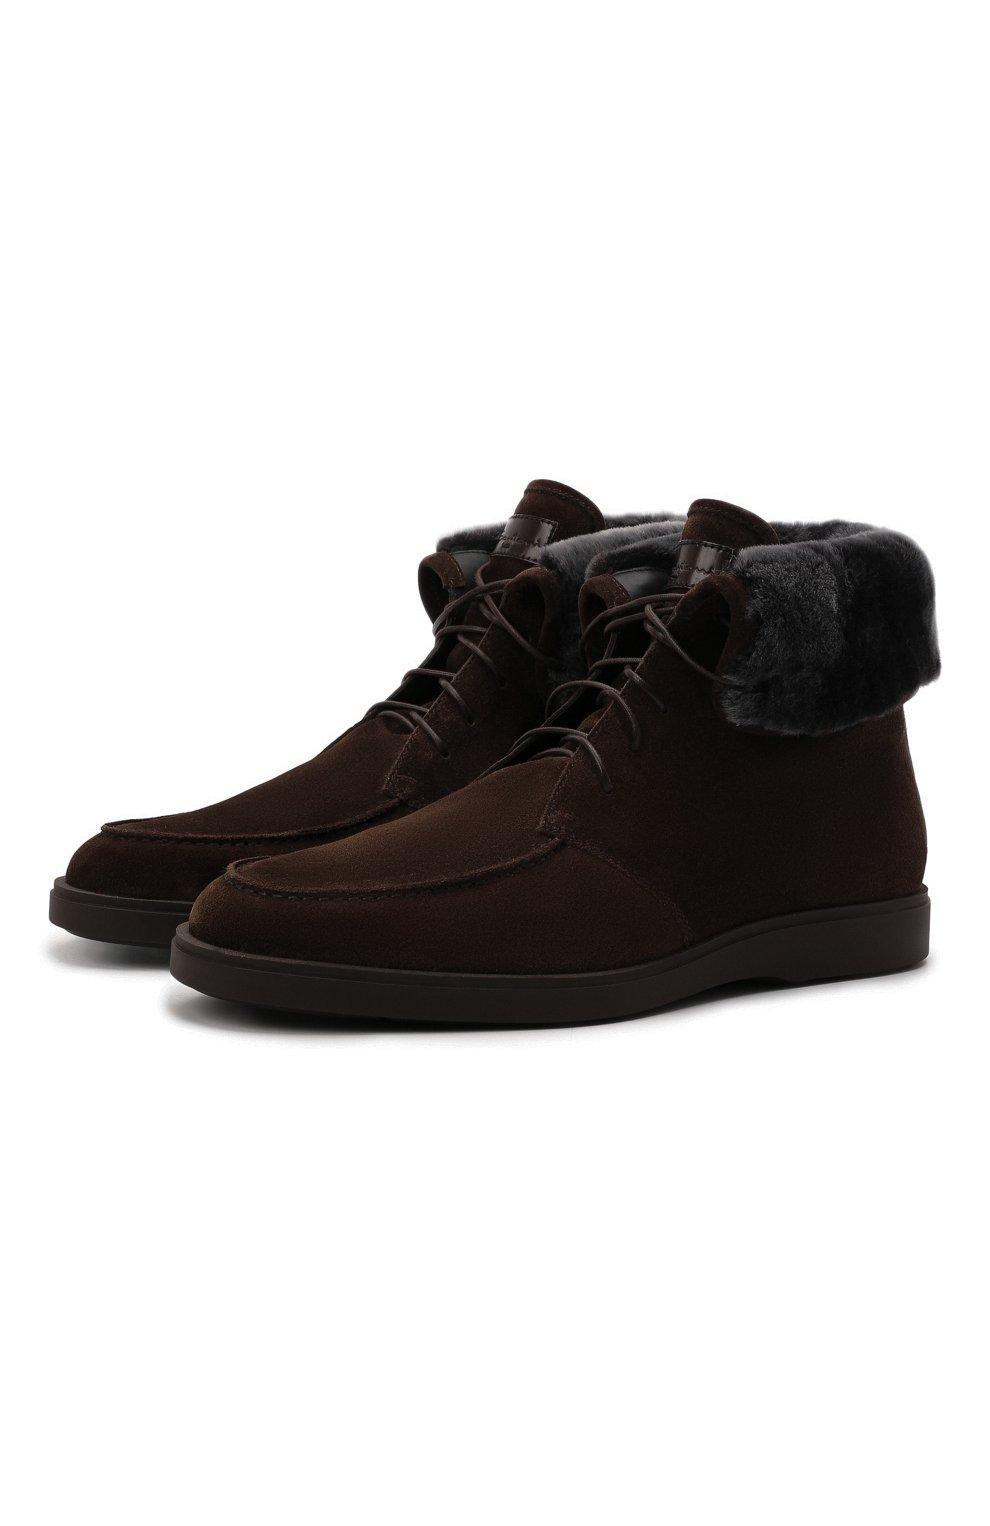 Мужские замшевые ботинки SANTONI темно-коричневого цвета, арт. MGDG17891DATASVUT50   Фото 1 (Материал утеплителя: Натуральный мех; Мужское Кросс-КТ: Ботинки-обувь, зимние ботинки; Подошва: Плоская; Материал внешний: Замша)